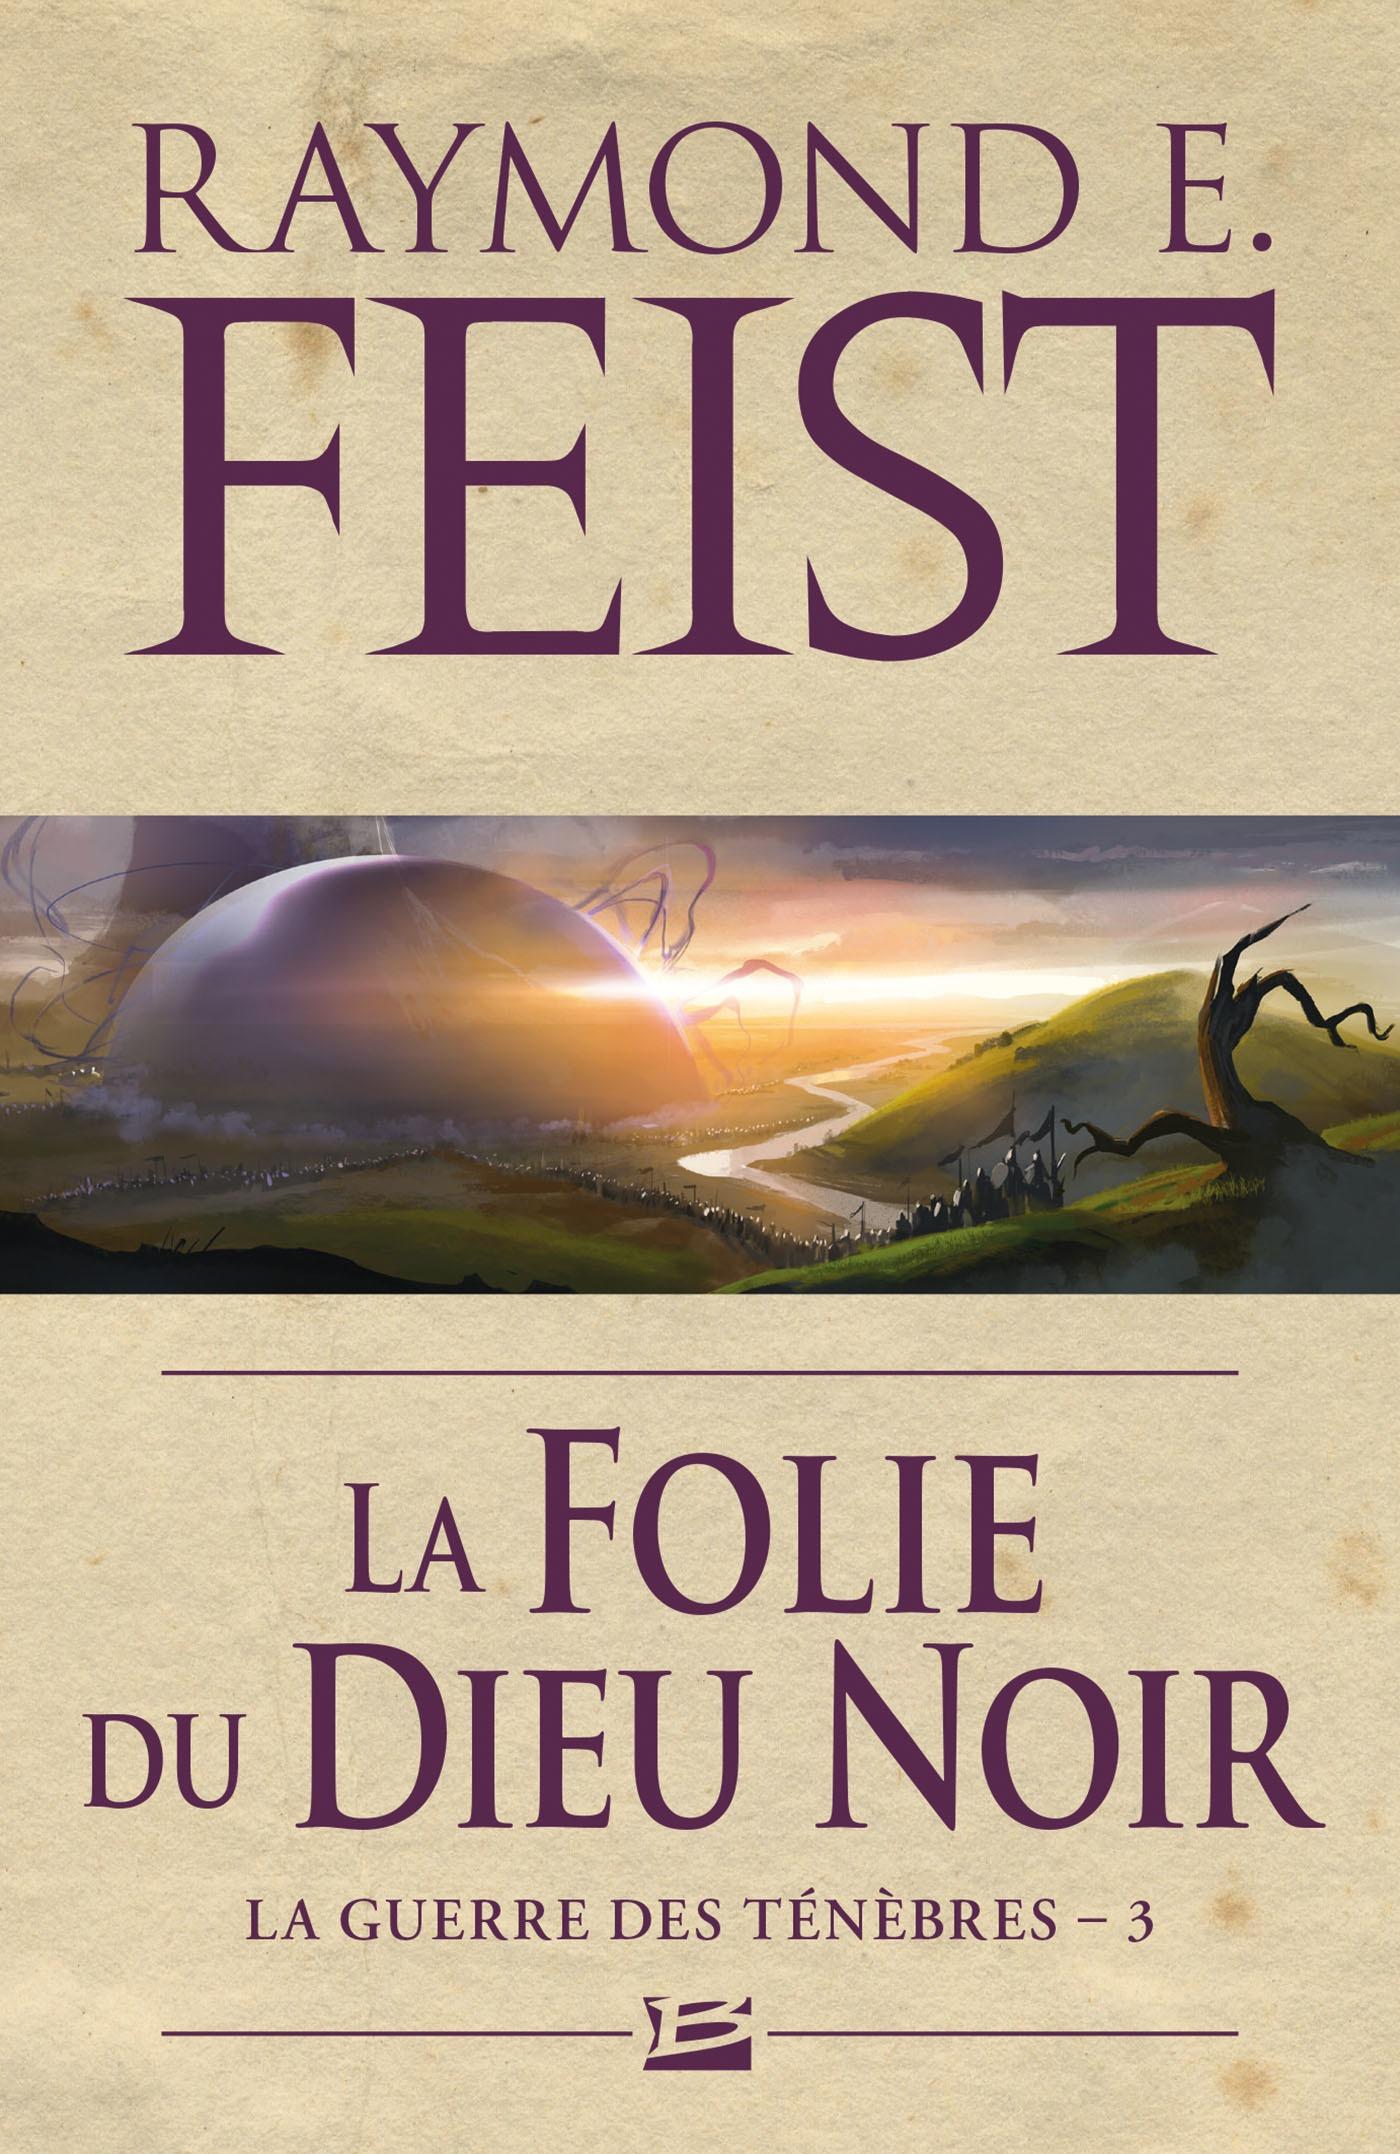 La Folie du dieu noir, LA GUERRE DES TÉNÈBRES, T3